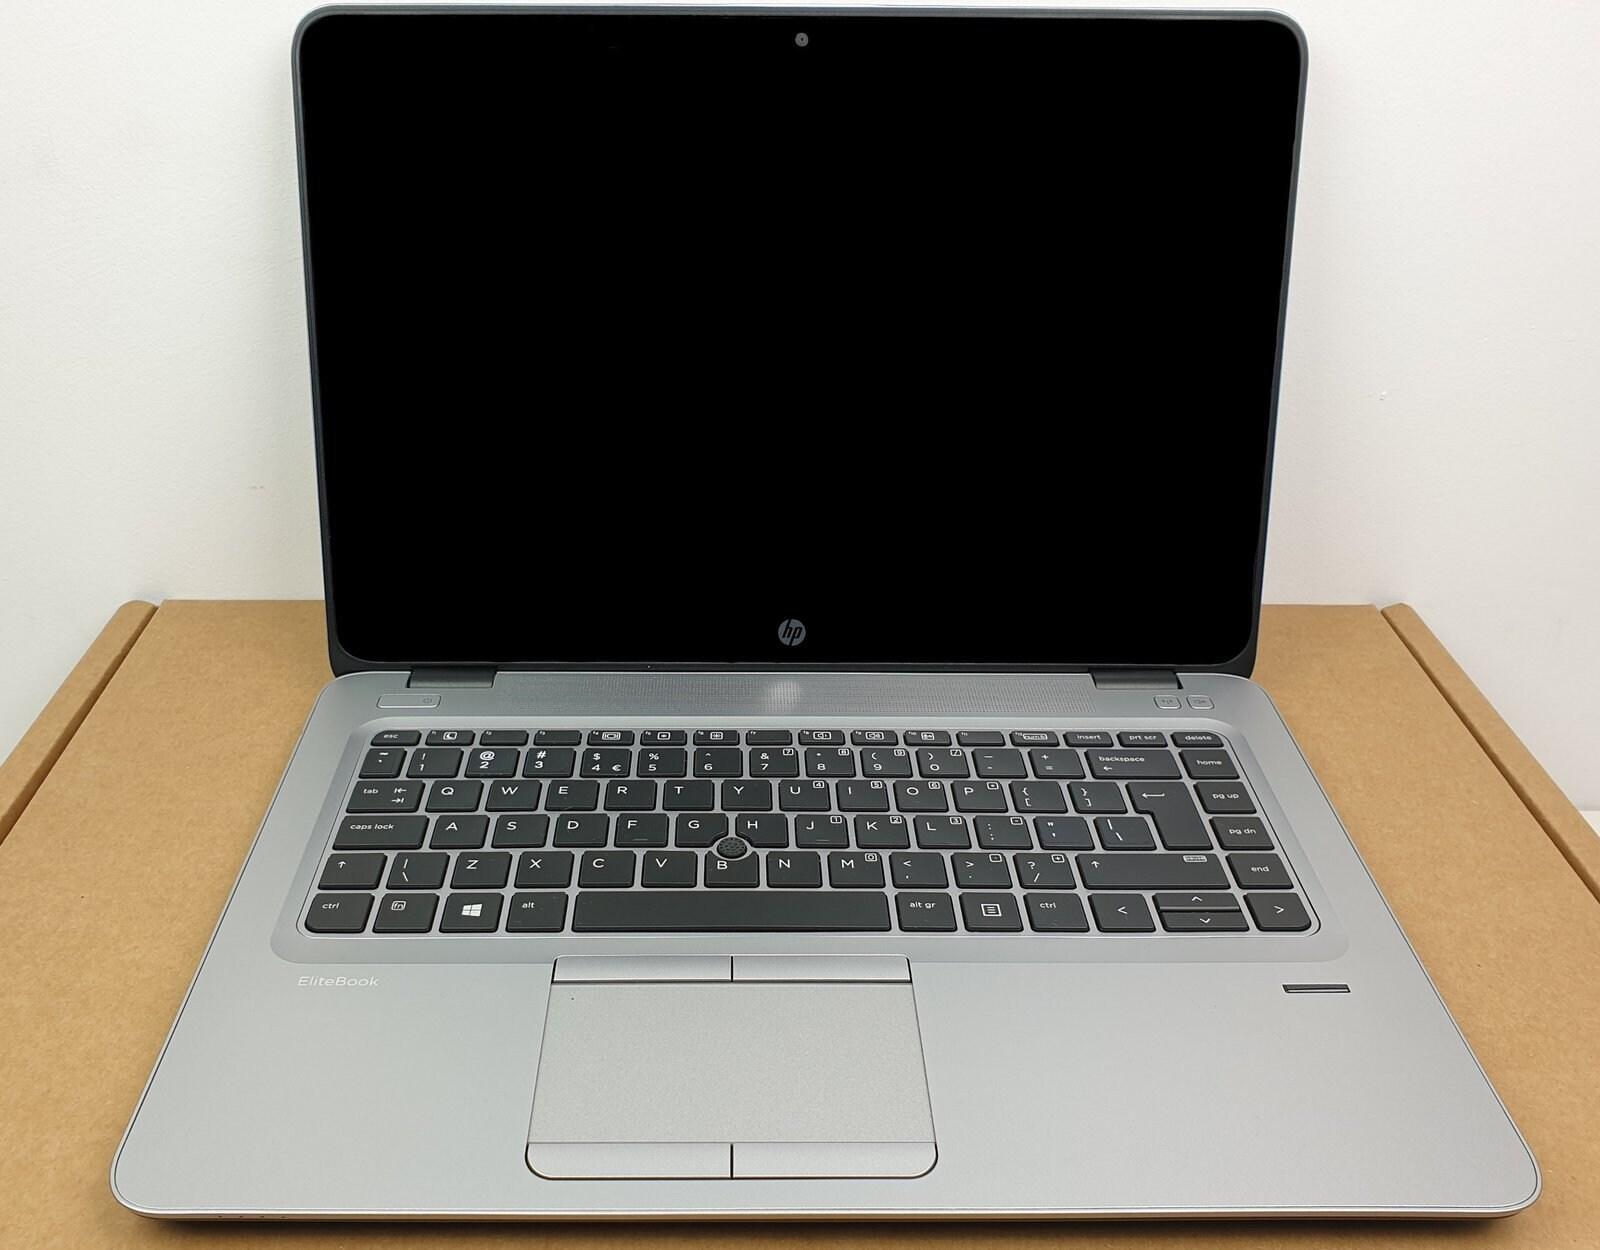 Laptop HP EliteBook 840 G3 i7 - 6 generacji / 8 GB / 240 GB SSD / 14 FullHD DOTYK / Klasa A- - 2